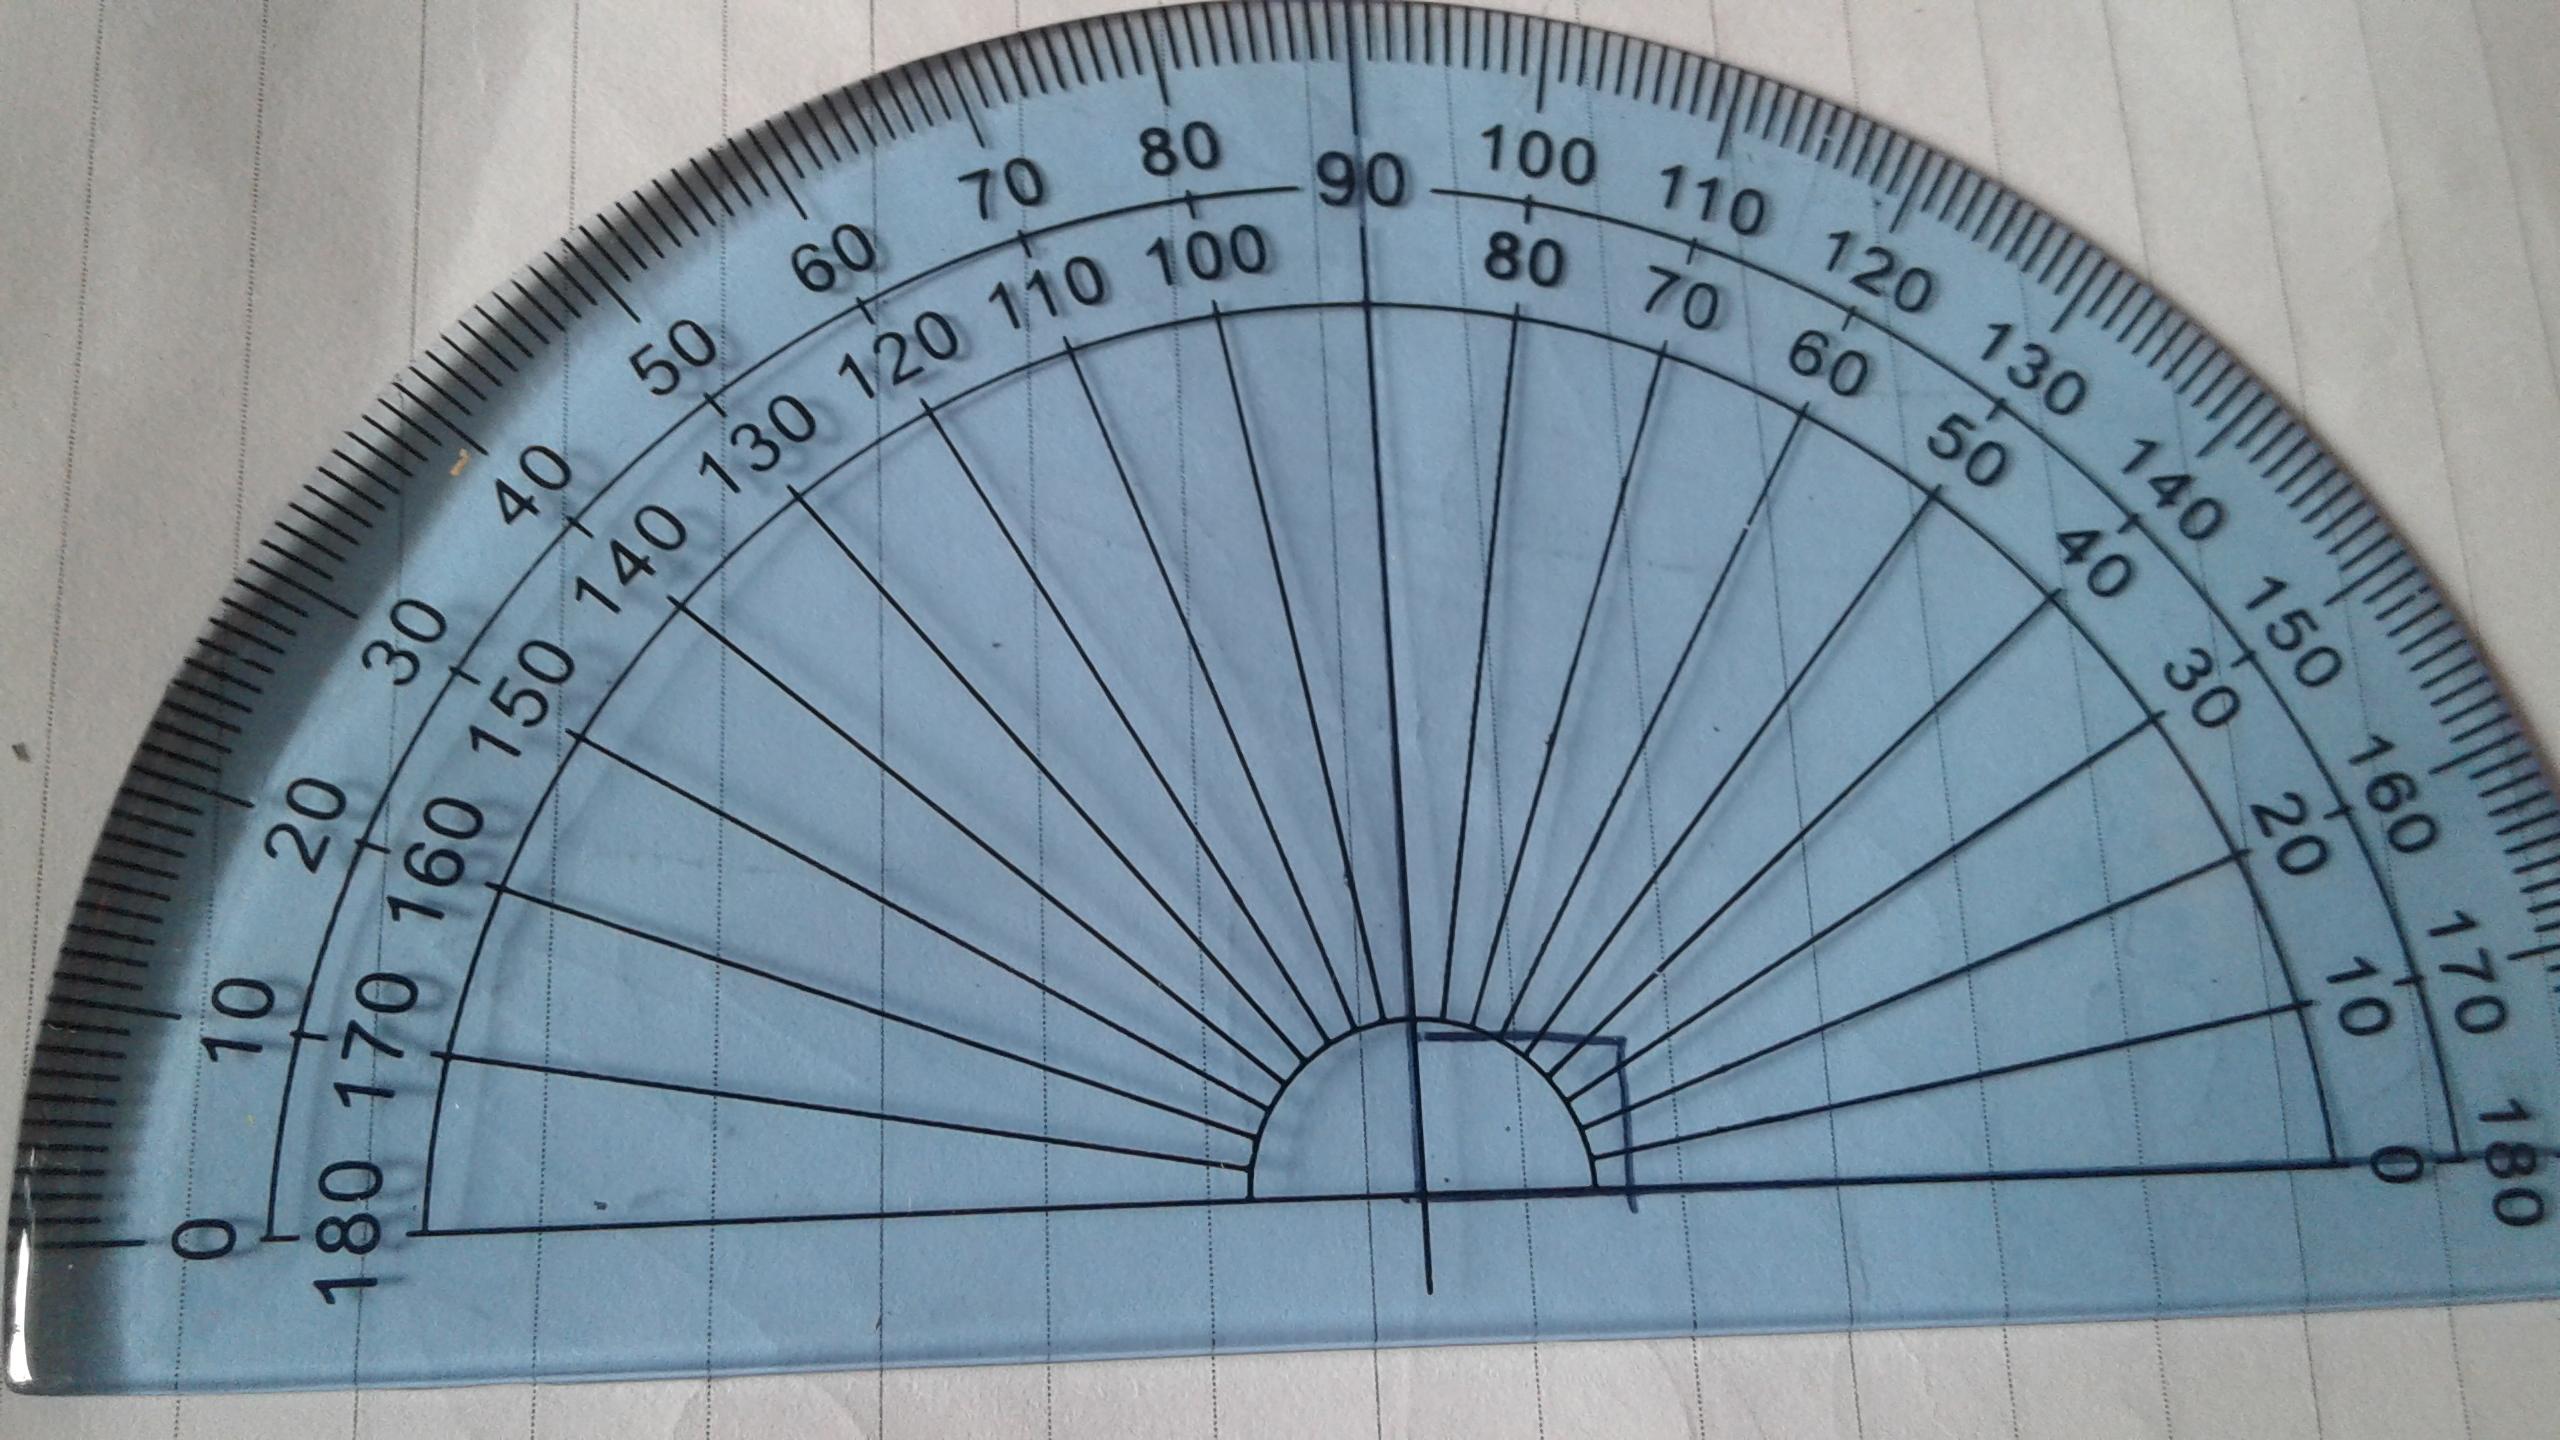 sudut yang besarnya 90 derajat disebut - Brainly.co.id